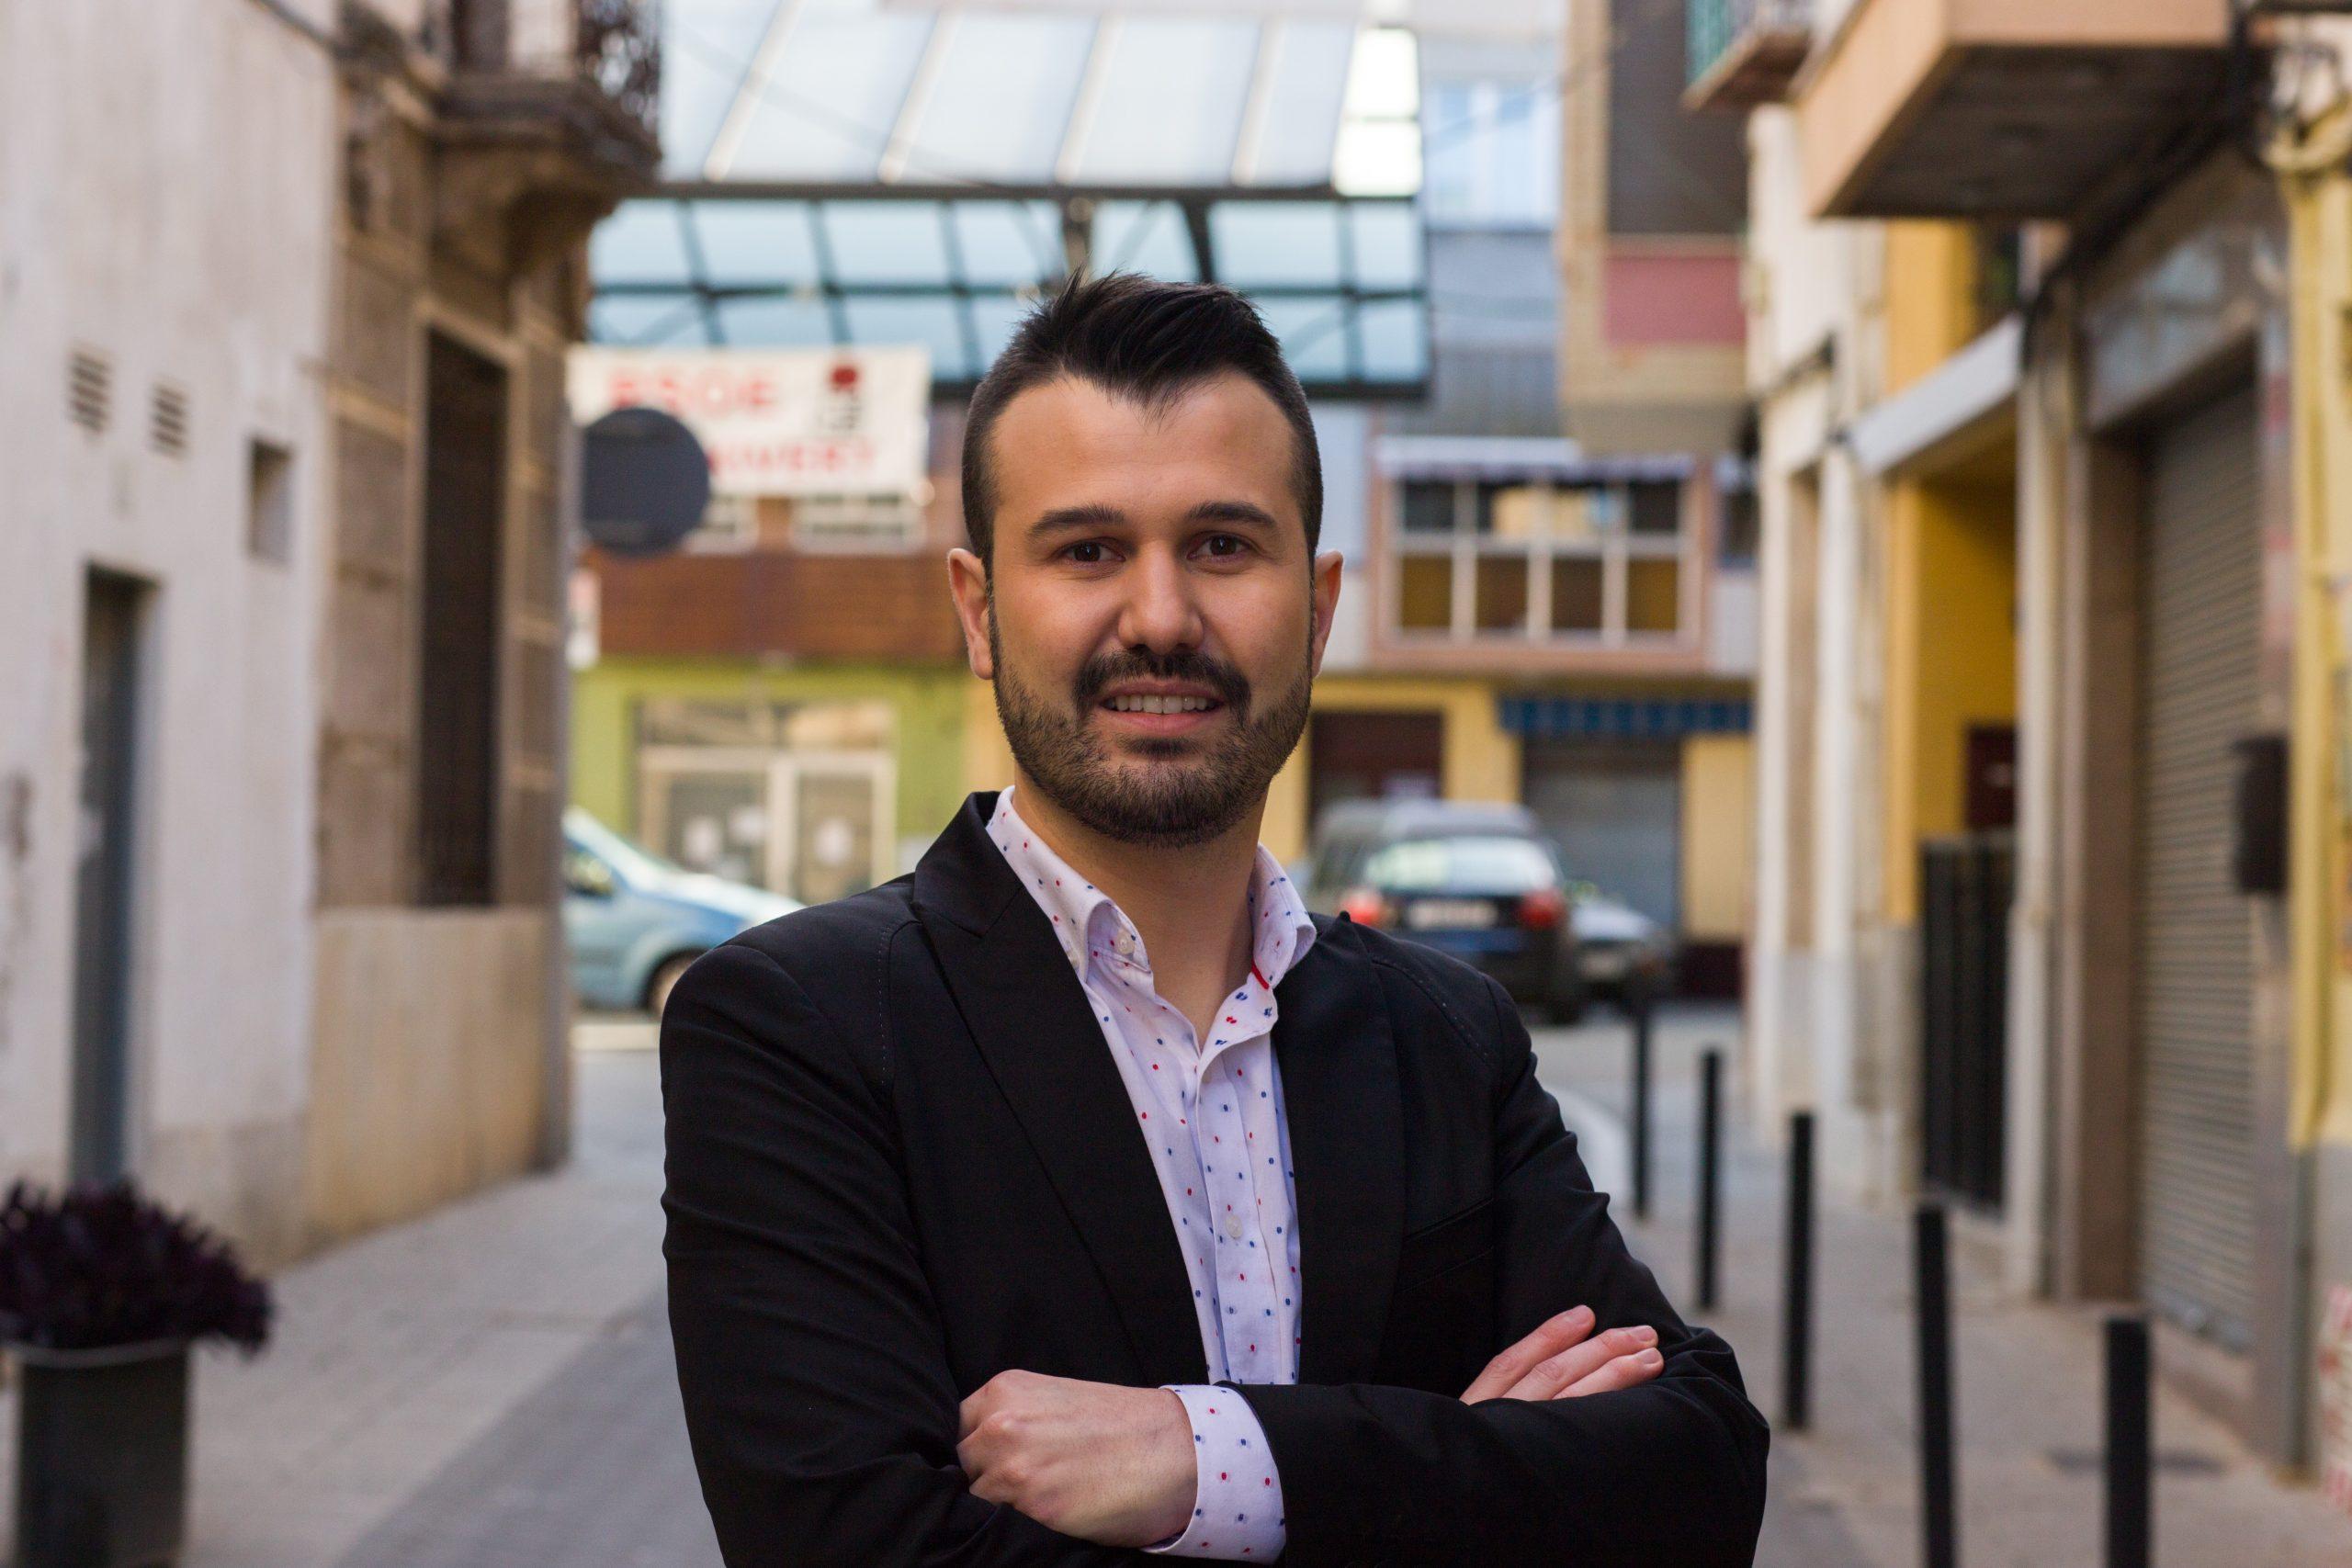 Entrevista al portavoz del PSPV de Alcalà de Xivert-Alcossebre, Joan Ronchera